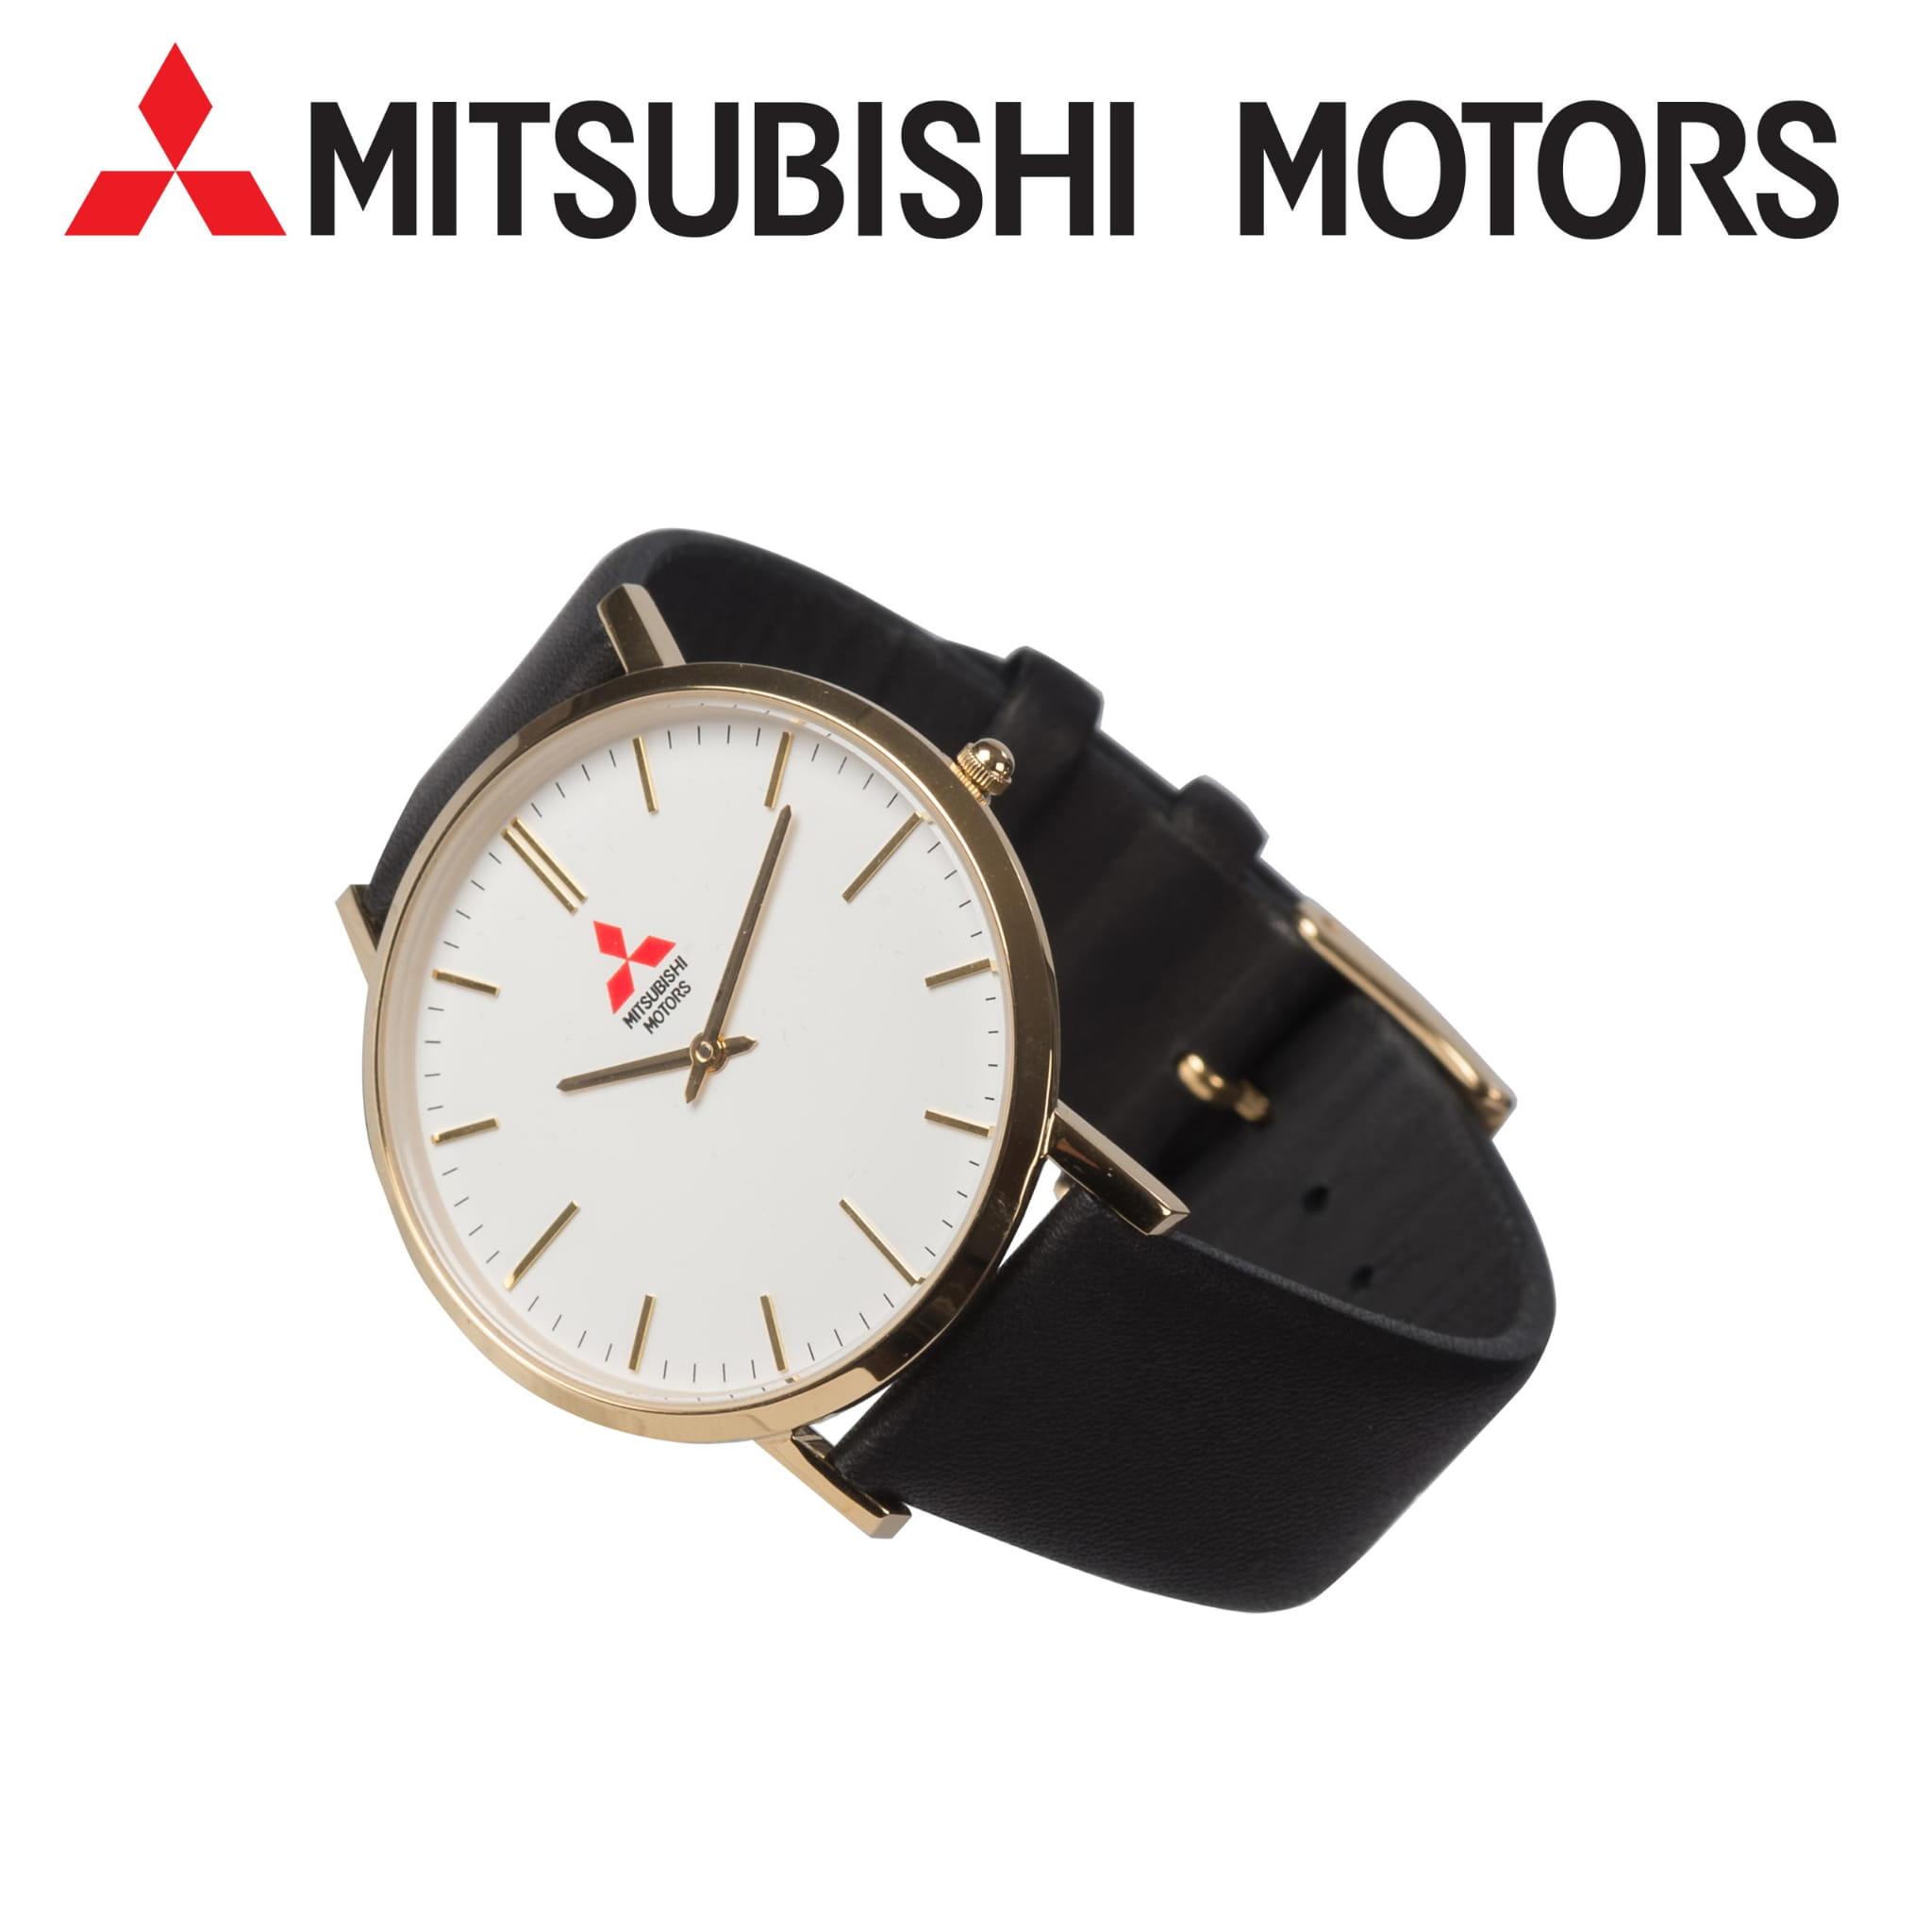 5fcb85df4ab935 Zegarek Mitsubishi części i akcesoria motoryzacyjne sklep onlineq